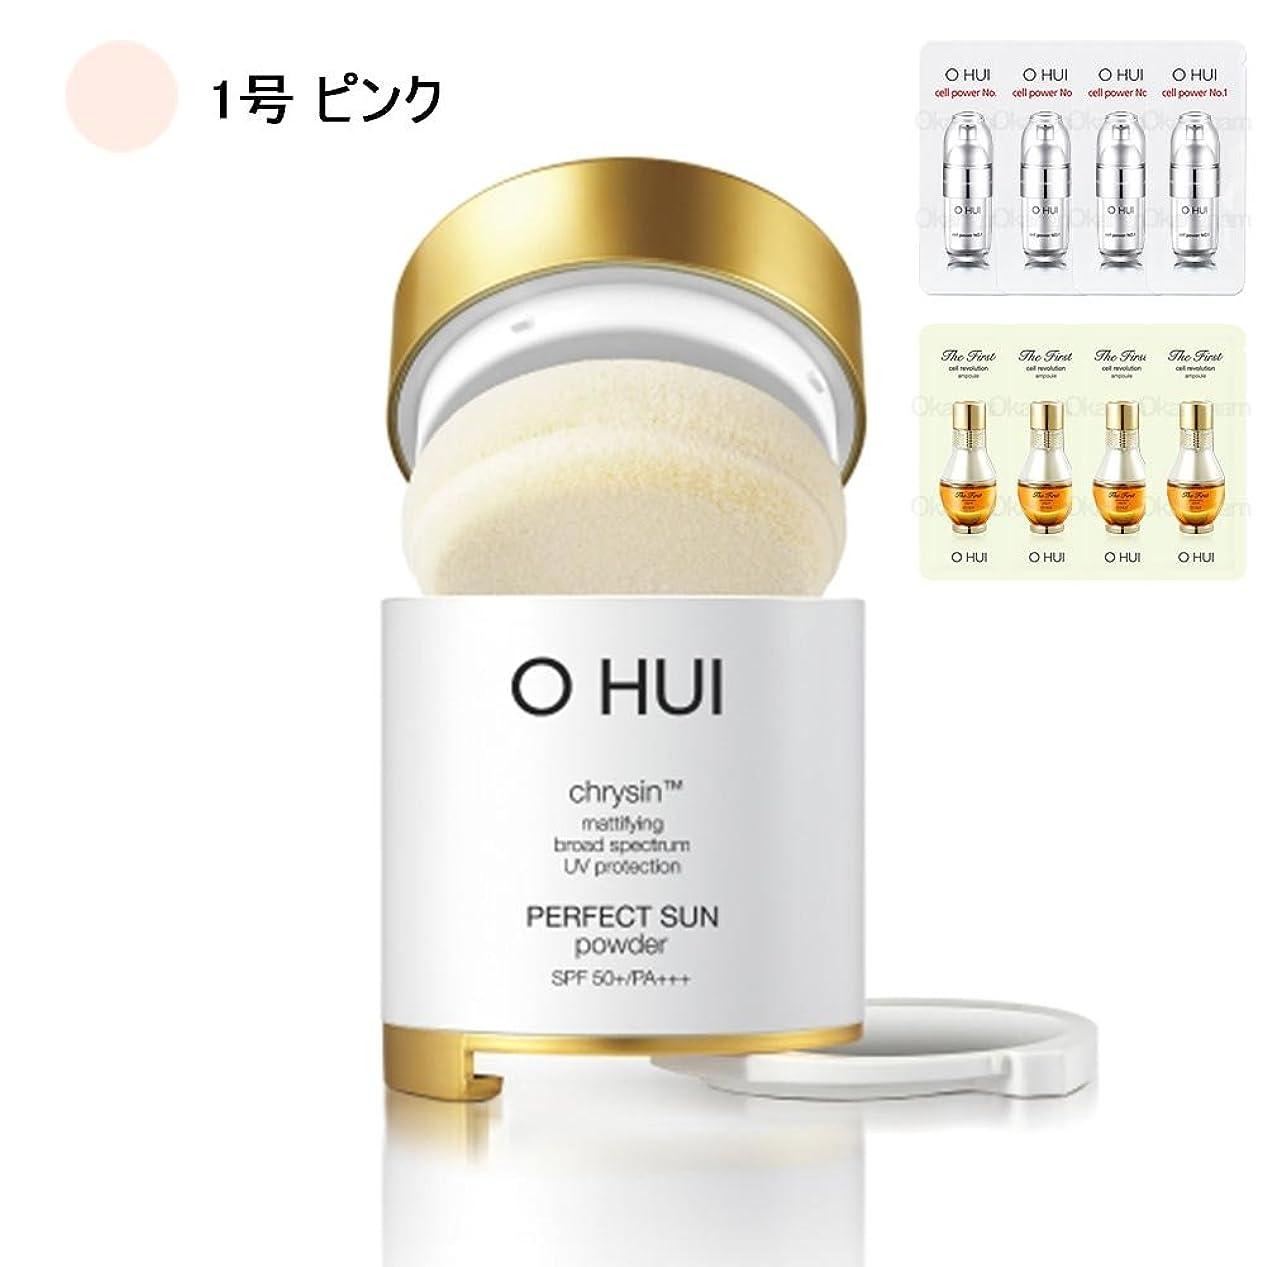 広告主要塞無[オフィ/O HUI]韓国化粧品 LG生活健康/OHUI OFS06 PERFECT SUN POWDER/オフィ パーフェクトサンパウダー 1号 (SPF50+/PA+++) +[Sample Gift](海外直送品)